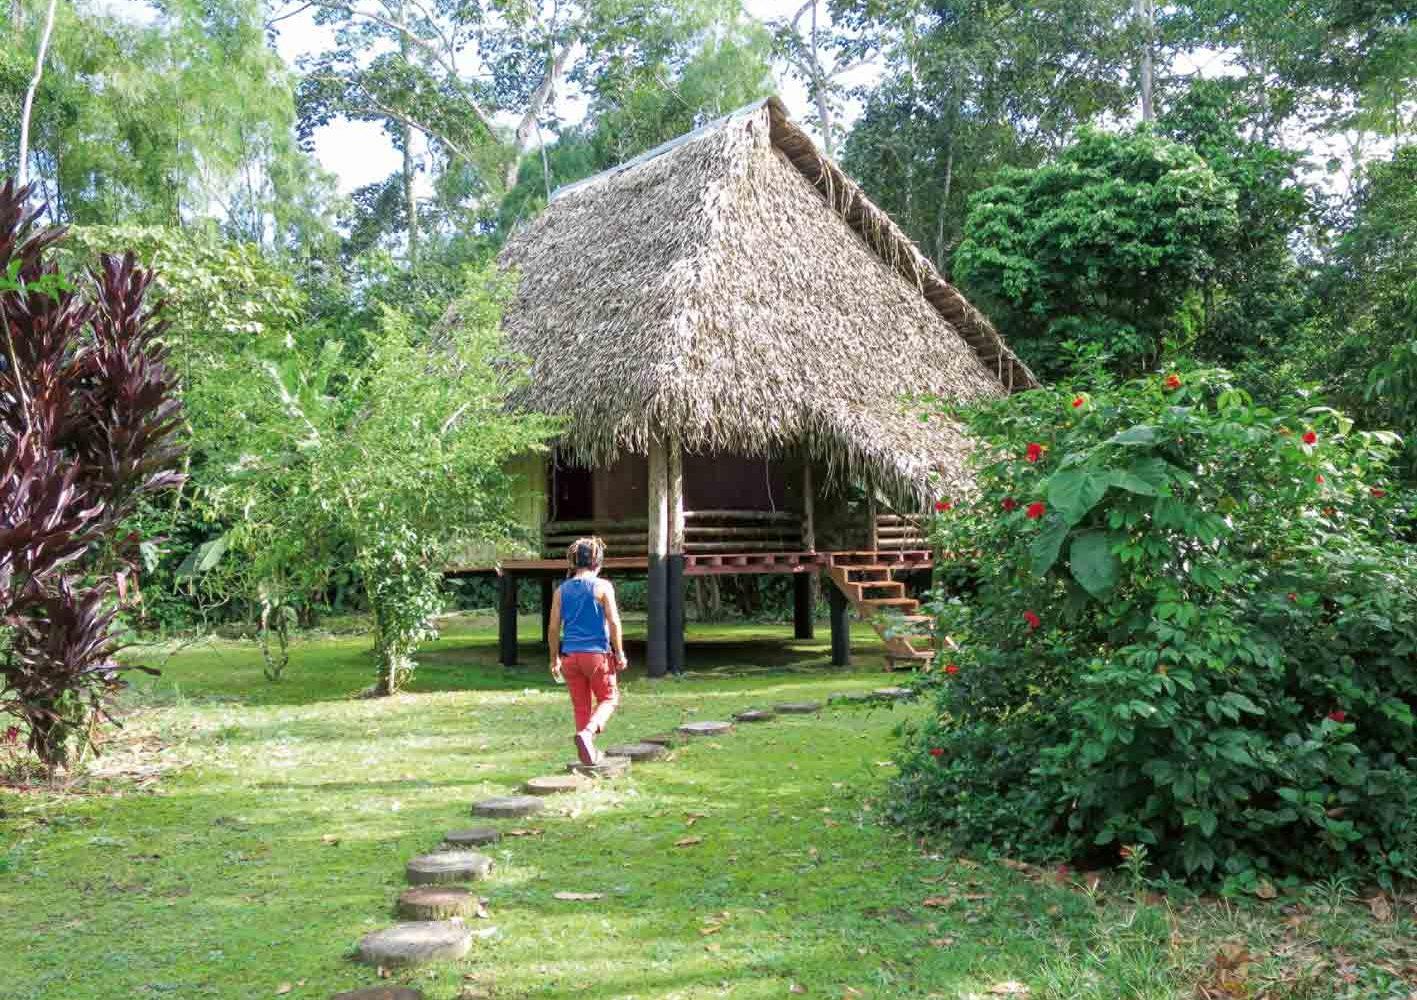 Bungalow der Aramacao Amazonas Urwald-Lodge, Ecudaor